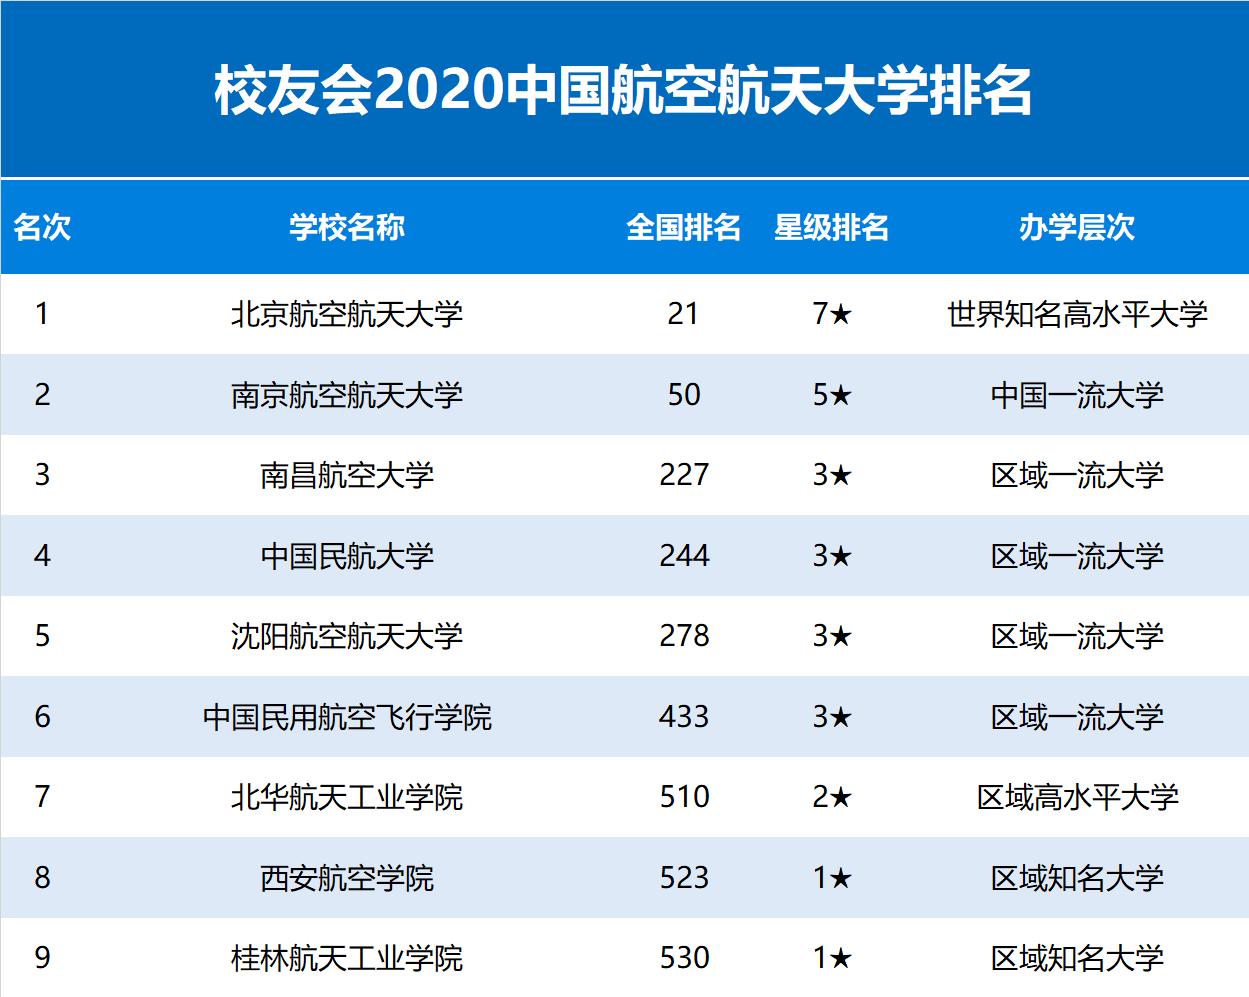 2020中国航空航天大学排名发布,北京航空航天大学雄居第一